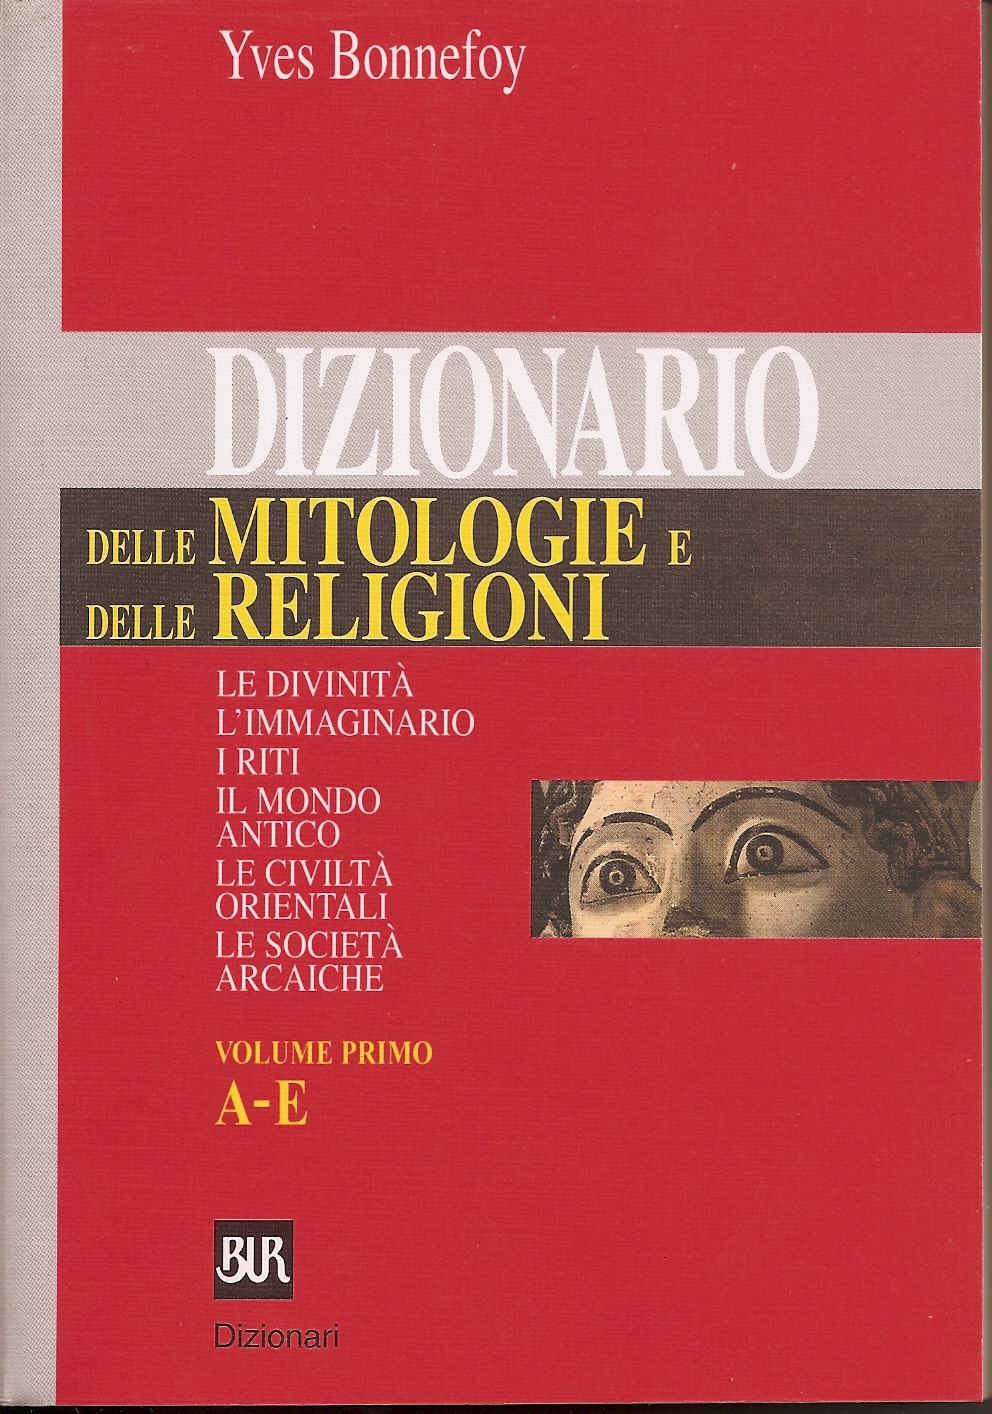 Dizionario delle mit...